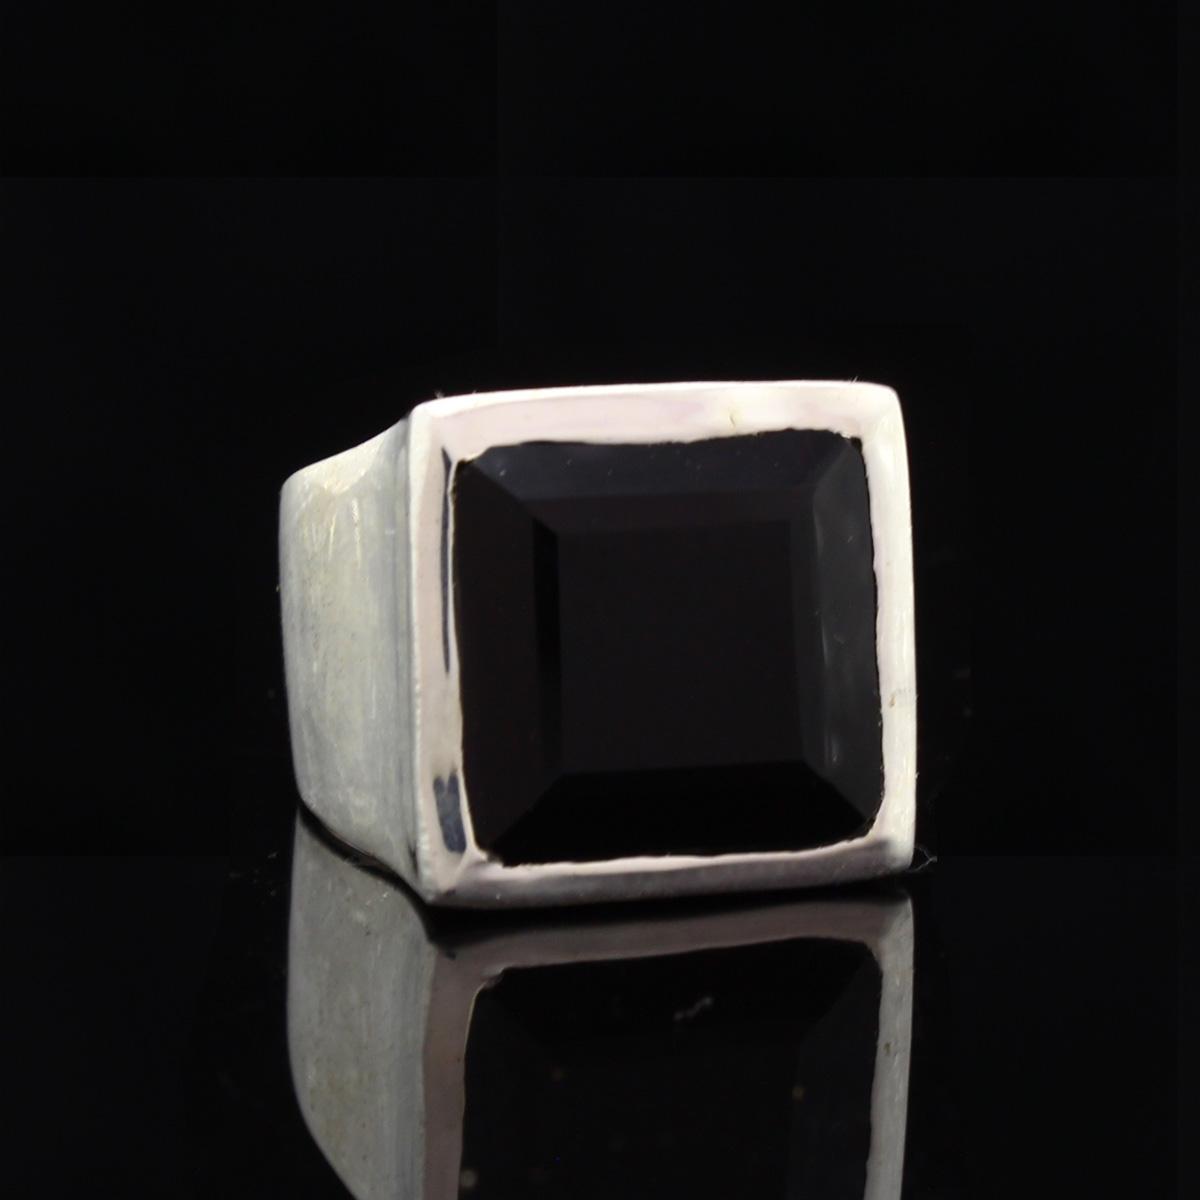 Кольцо, серебро, натуральный камень, Оникс, 11.45 г, проба 875, размер 17